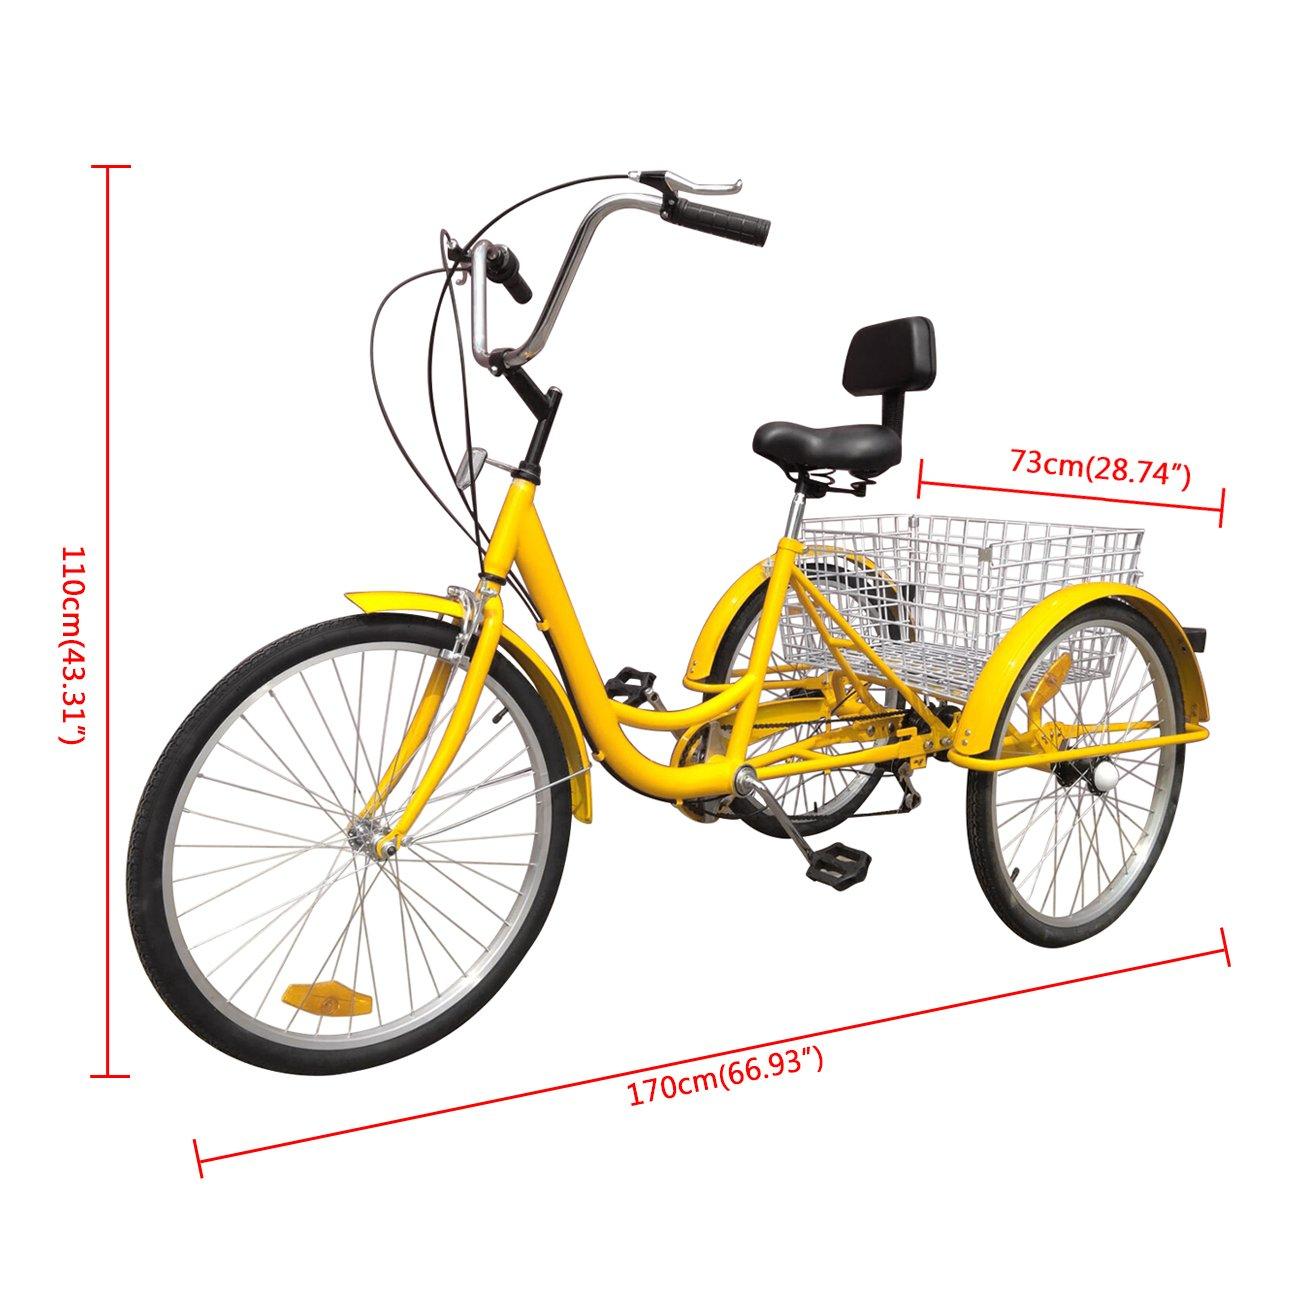 IglobalbuyYellow 24-Inch 6-Speed Adult Tricycle Trike 3-Wheel Bike Cruise Bike with Basket by Iglobalbuy (Image #2)